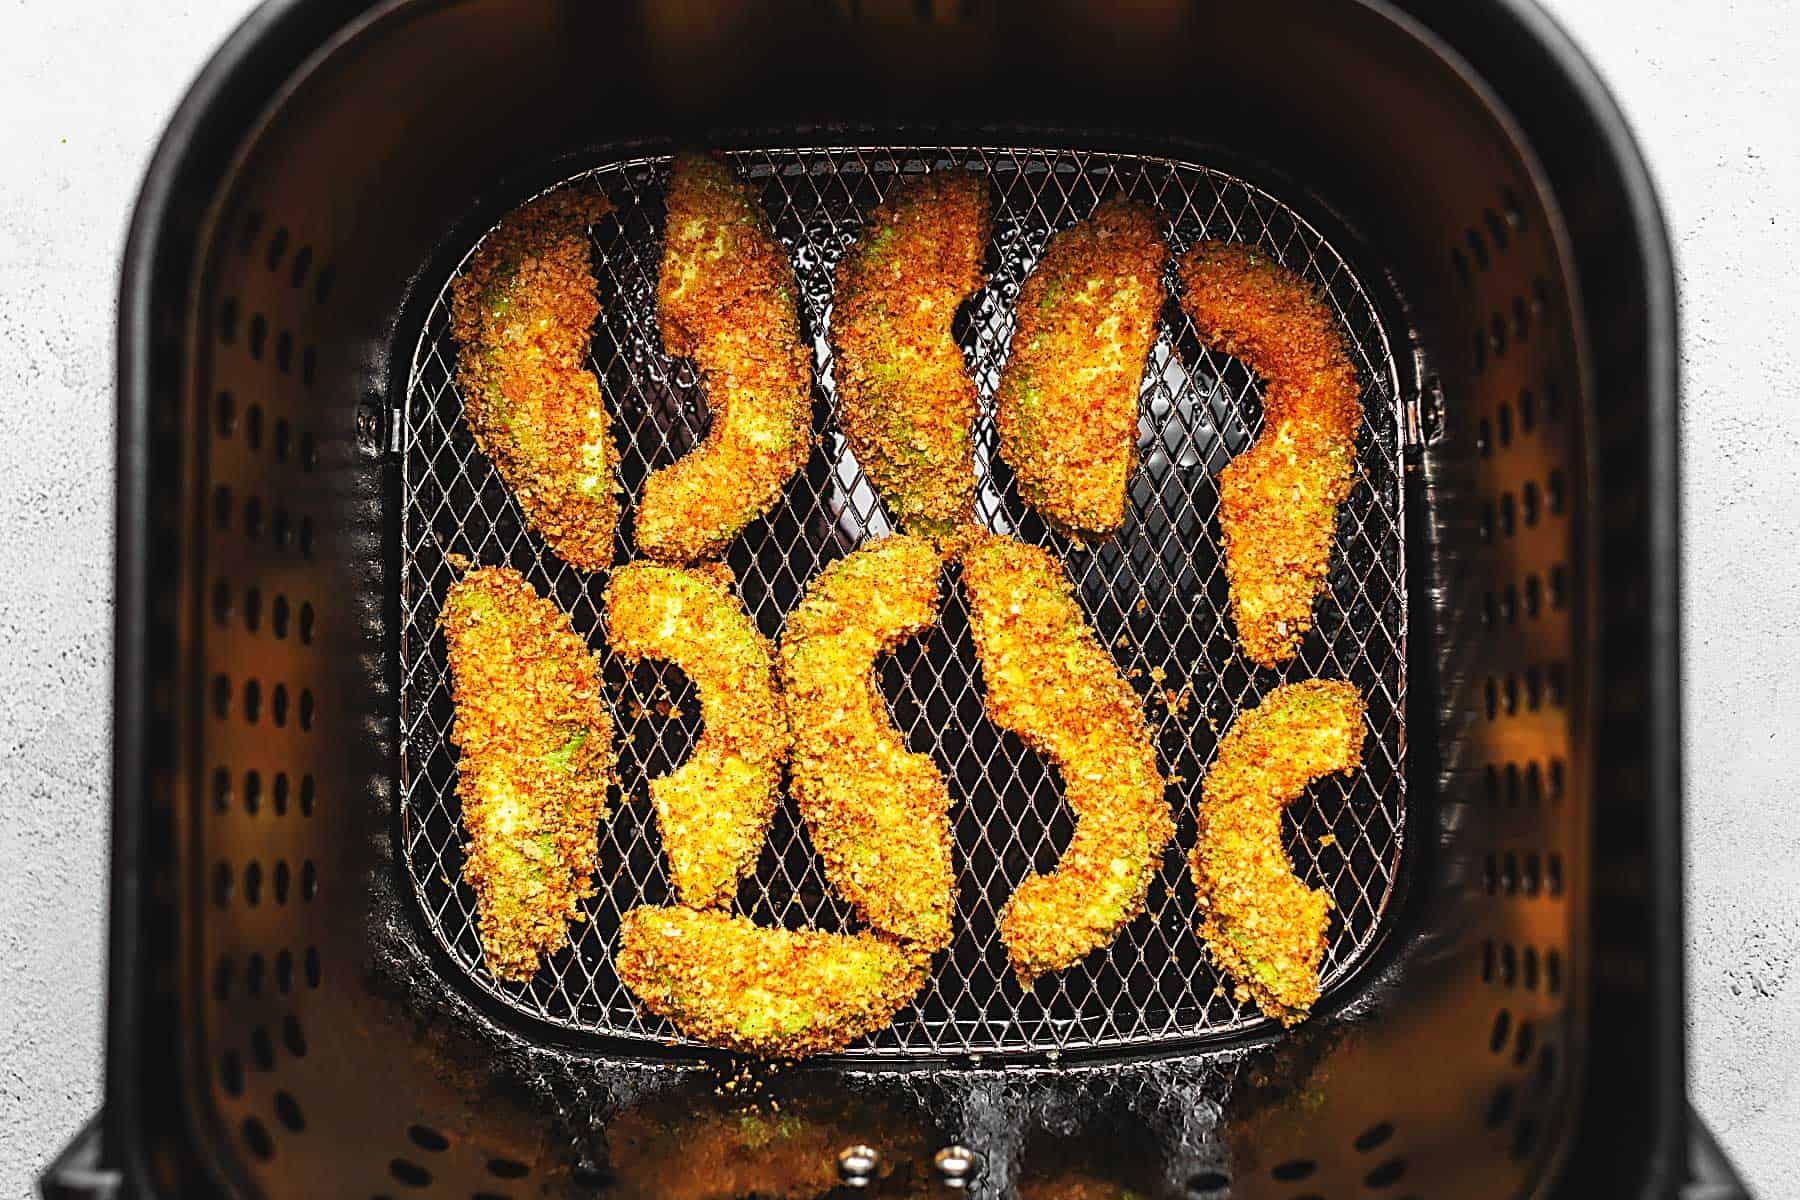 avocado fries in the air fryer basket.